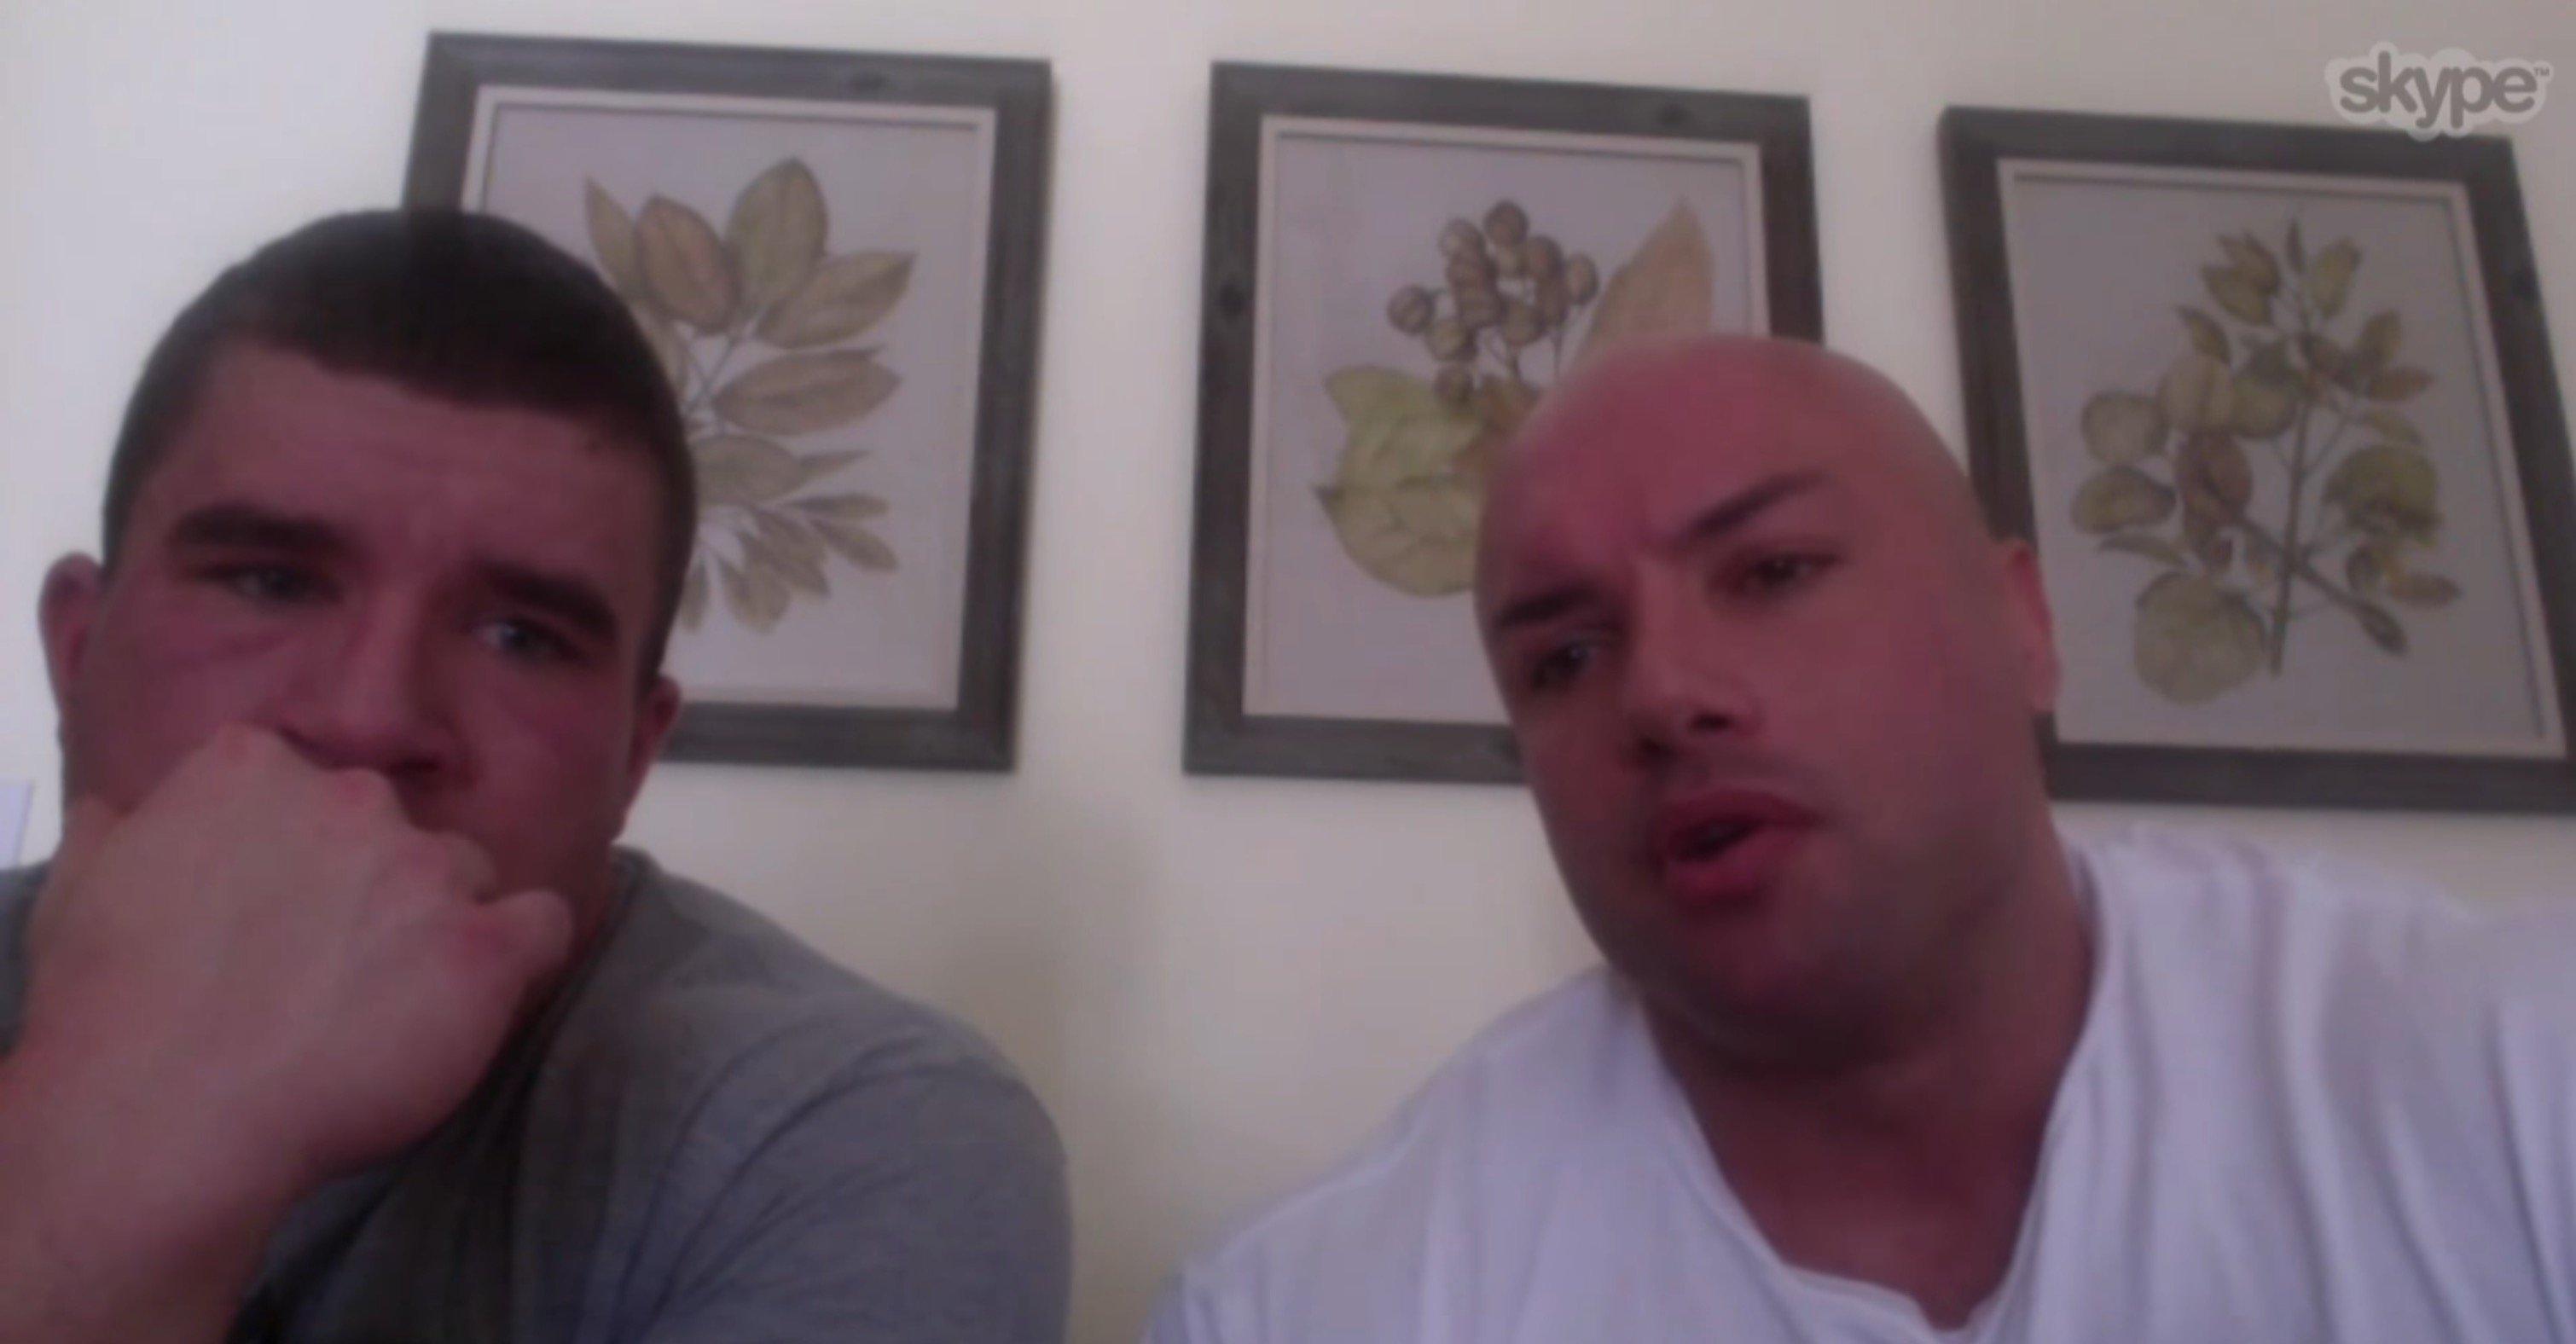 Lenartowicz interviewed - Dallas McCarver death